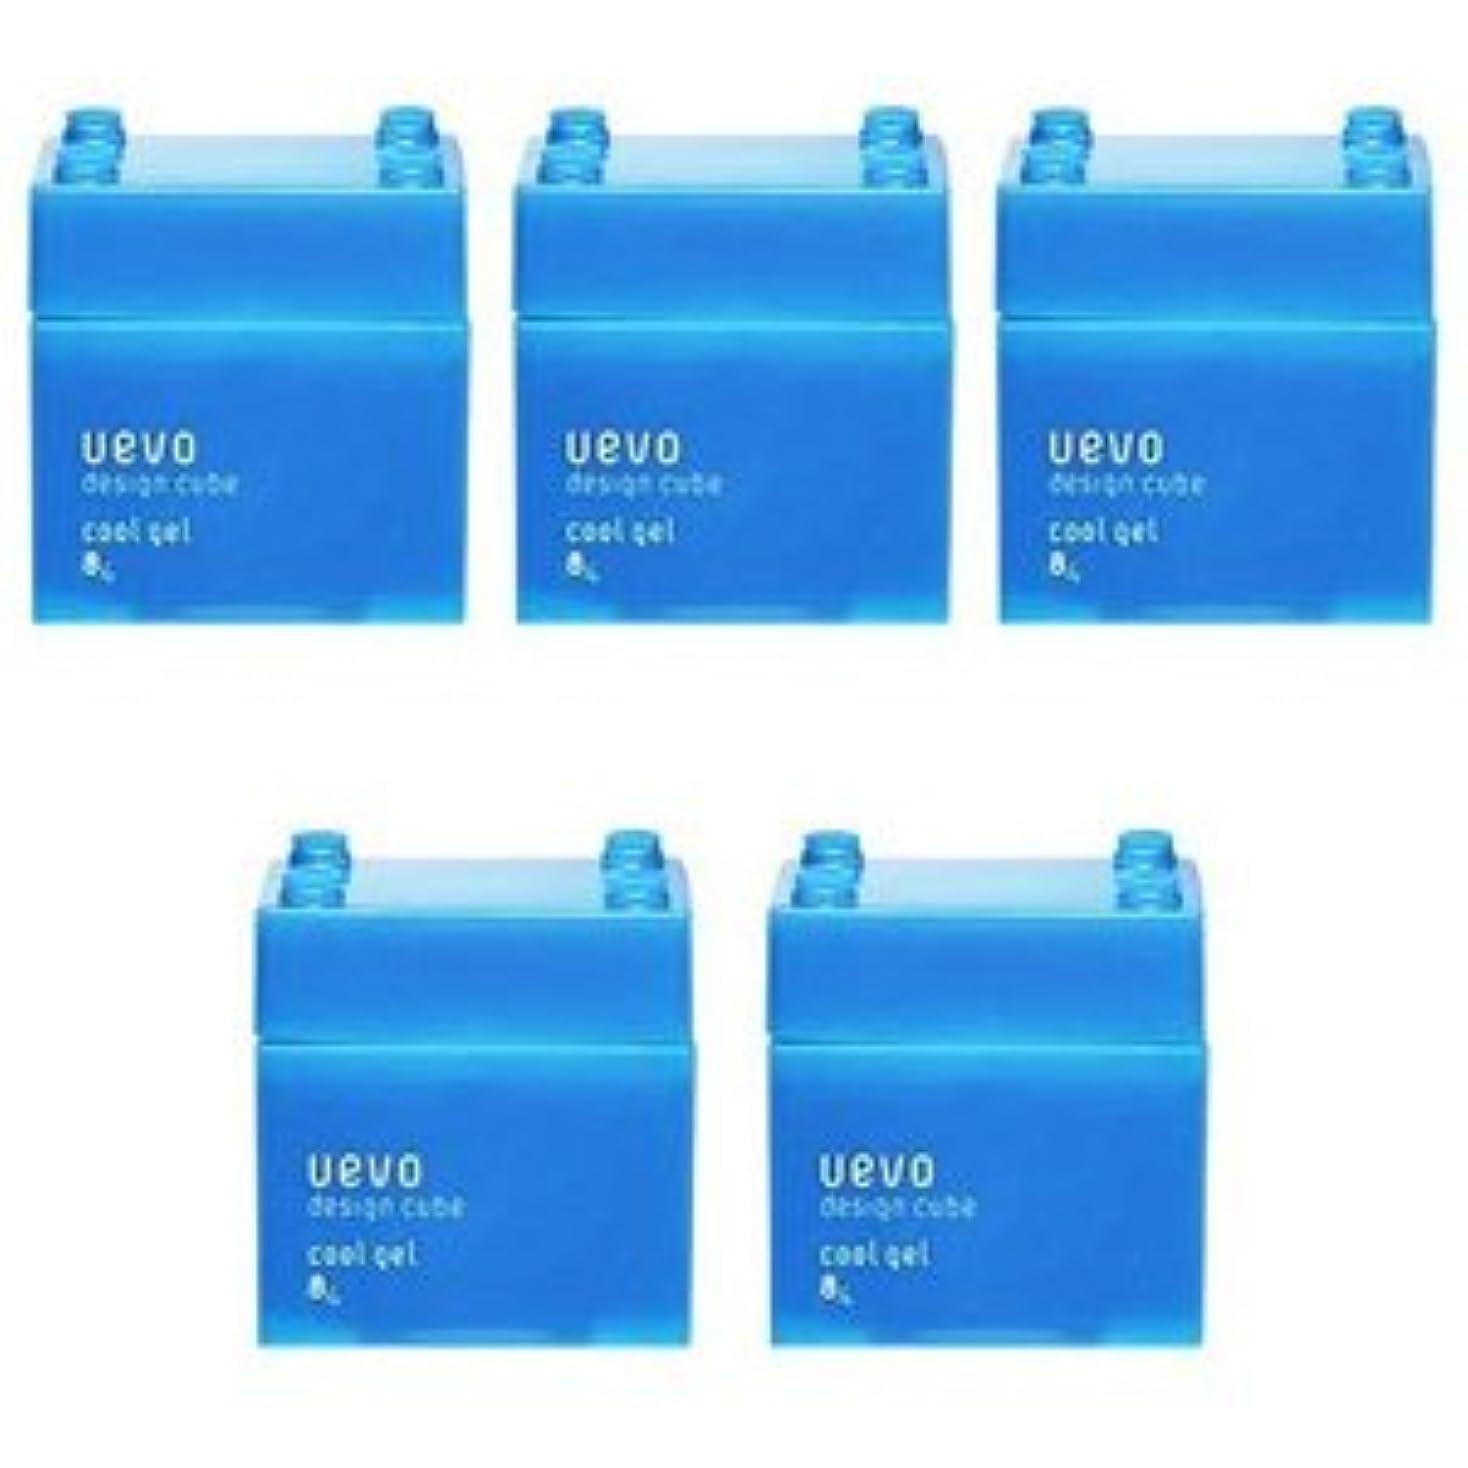 受益者仲間原油【X5個セット】 デミ ウェーボ デザインキューブ クールジェル 80g cool gel DEMI uevo design cube